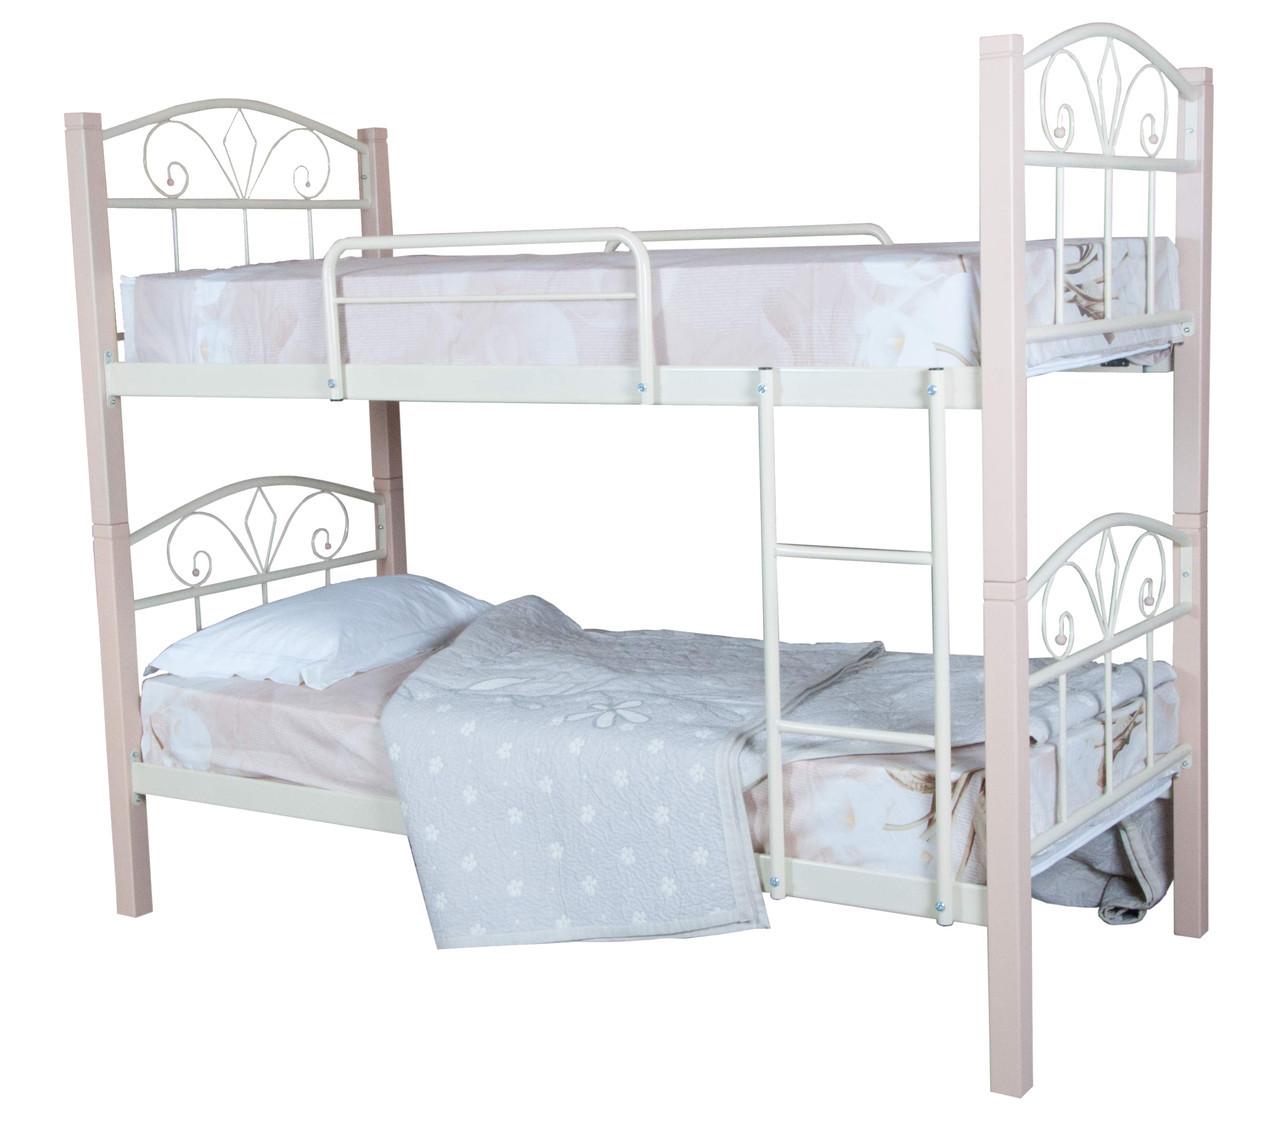 Кровать Лара Люкс Вуд двухъярусная  200х90, бежевая